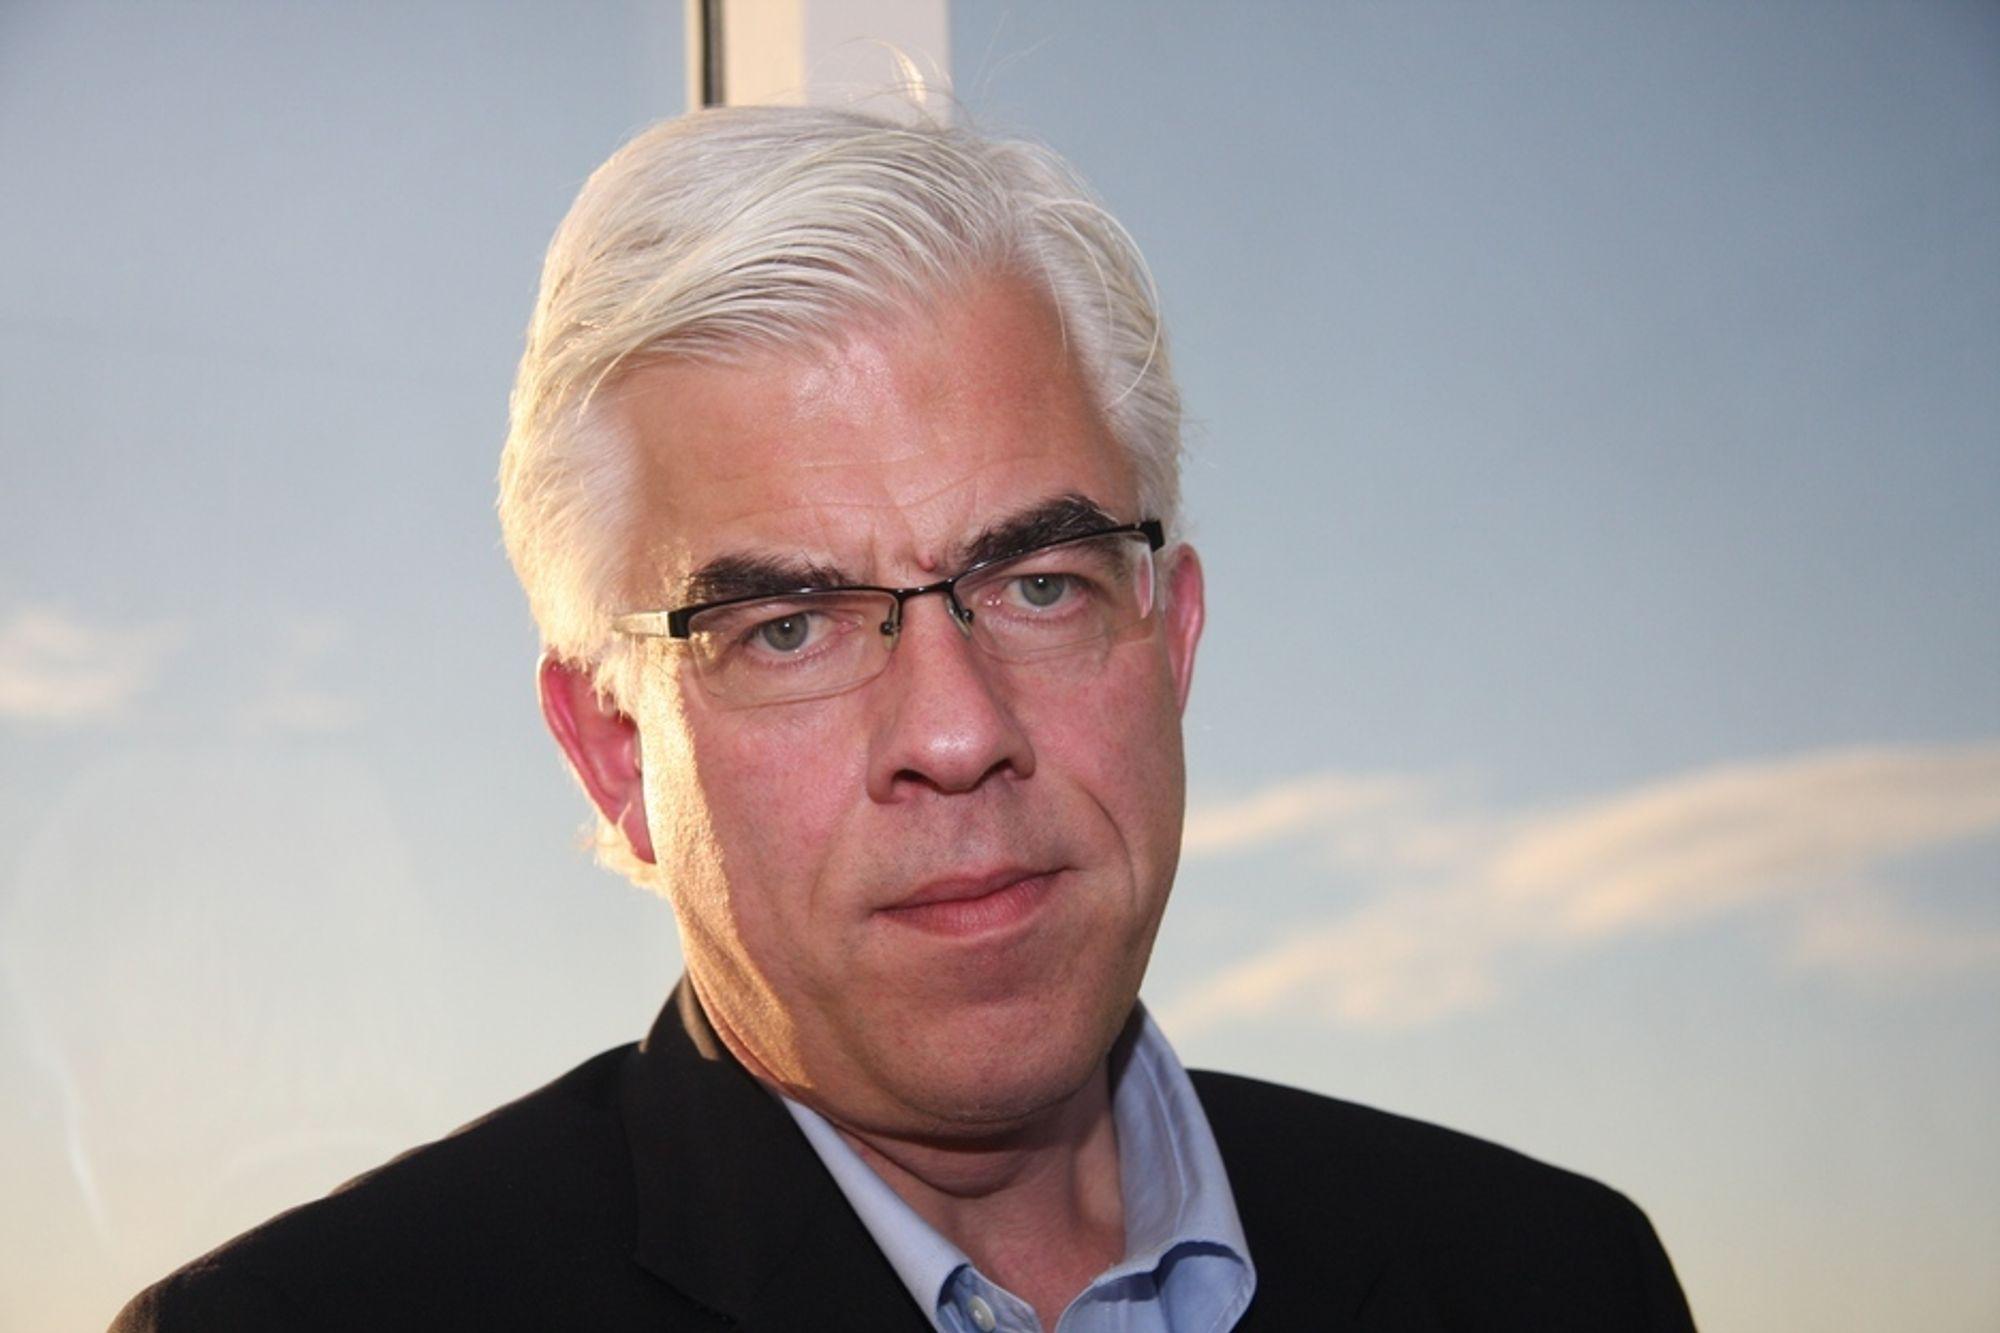 Foredlingsdirektør Einar Strømsvåg i StatoilHydro sier at selskapet ikke vil protestere om myndighetene vil at de skal overholde avtalen.